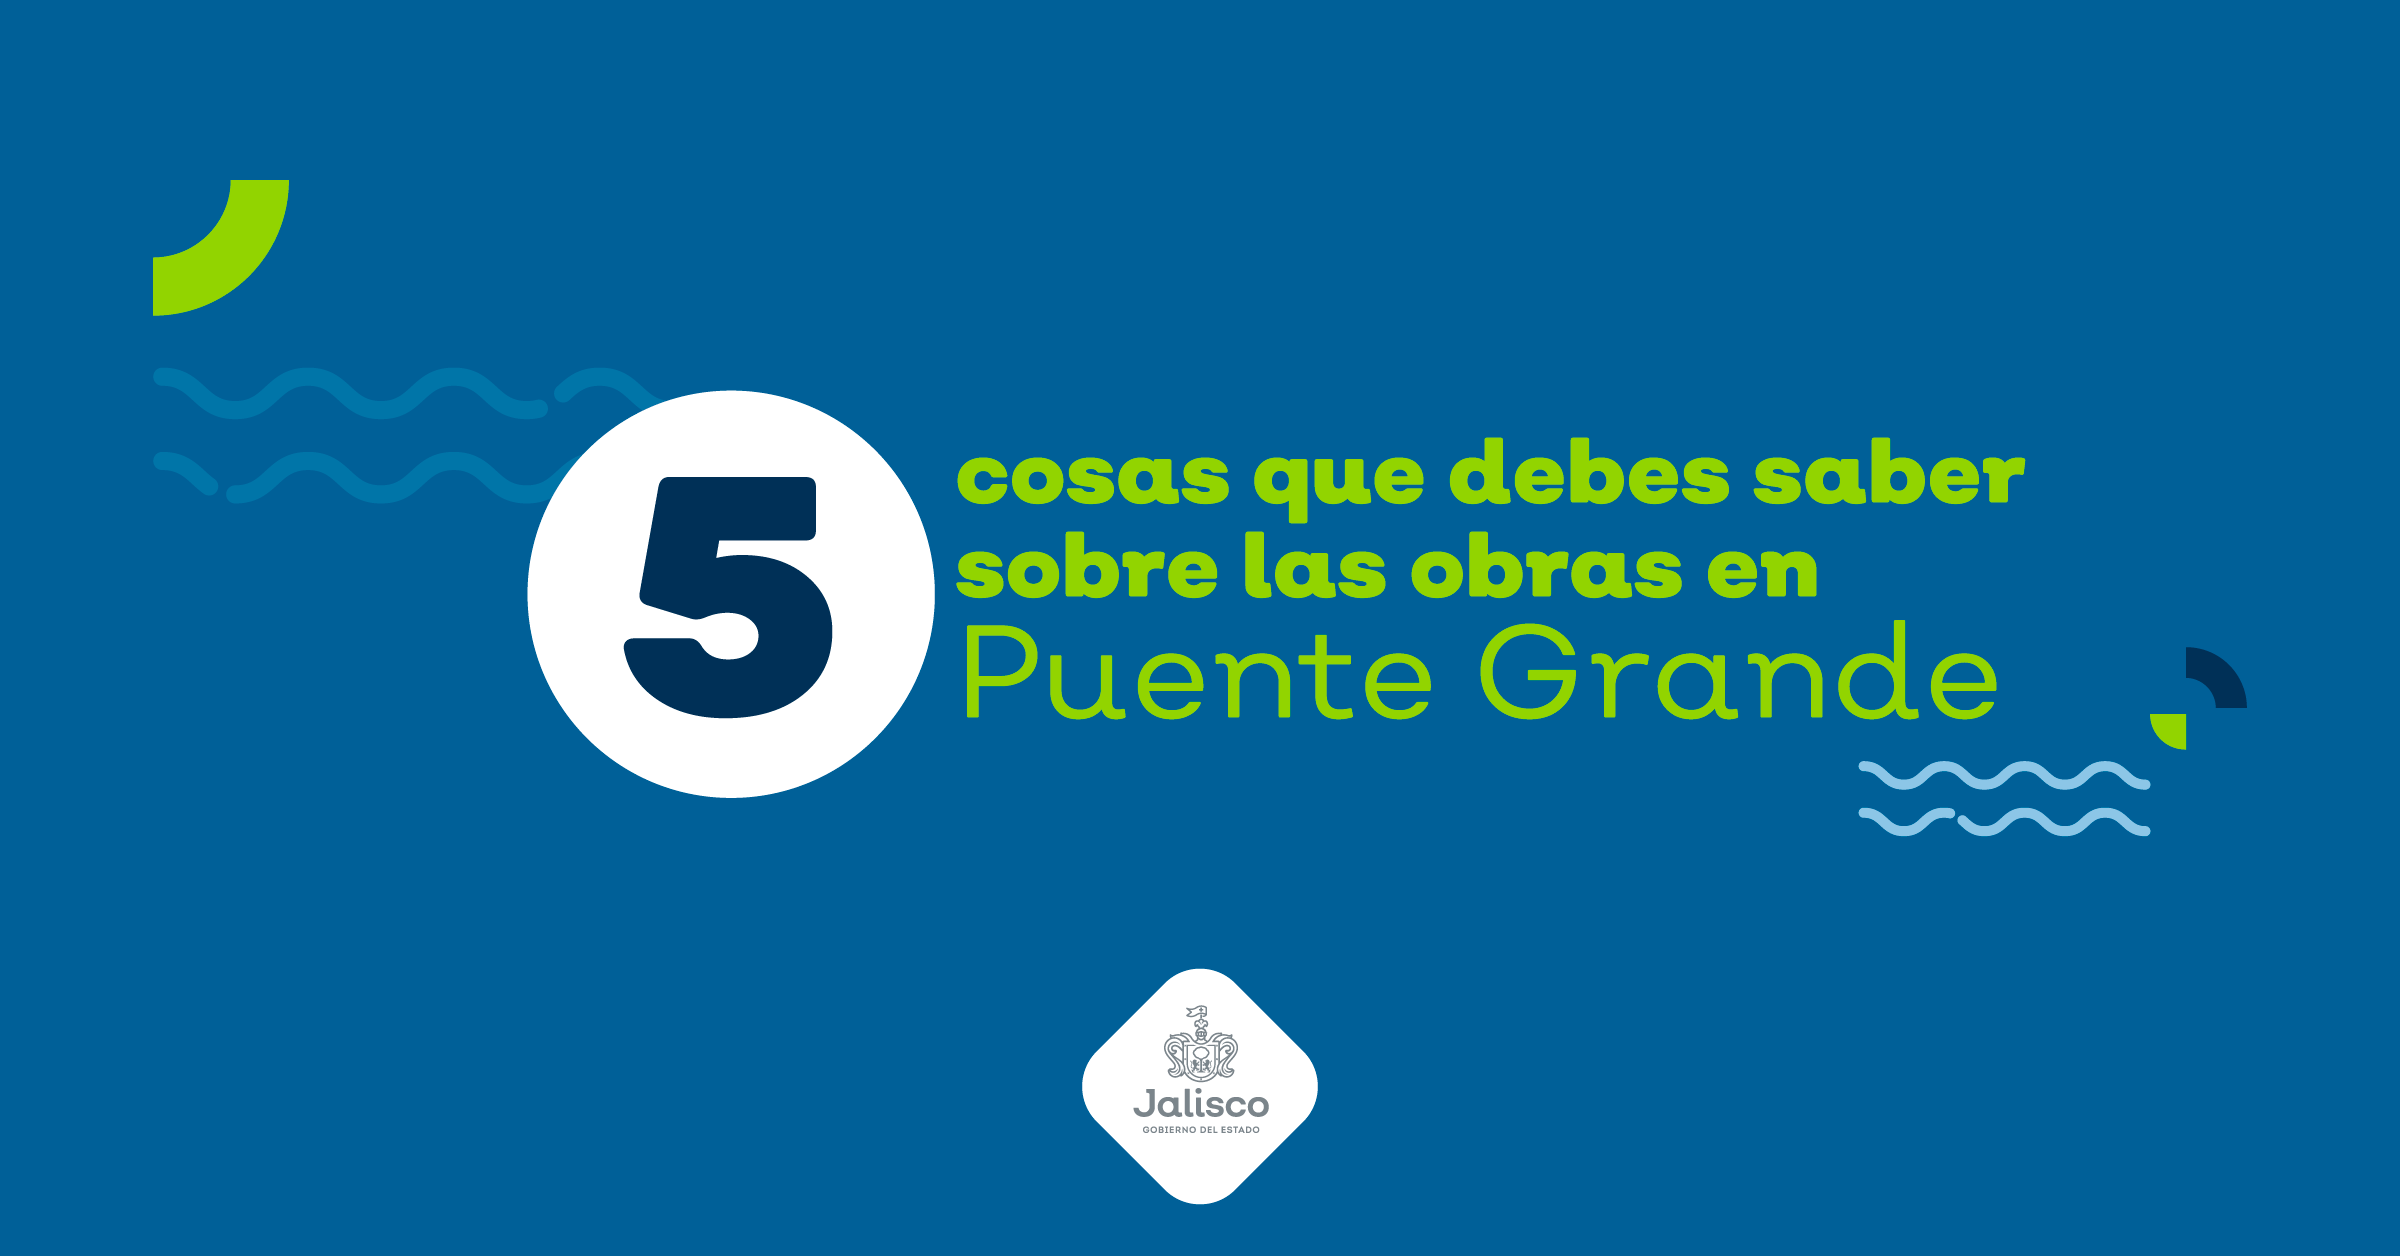 5 cosas que debes saber sobre las obras en Puente Grande